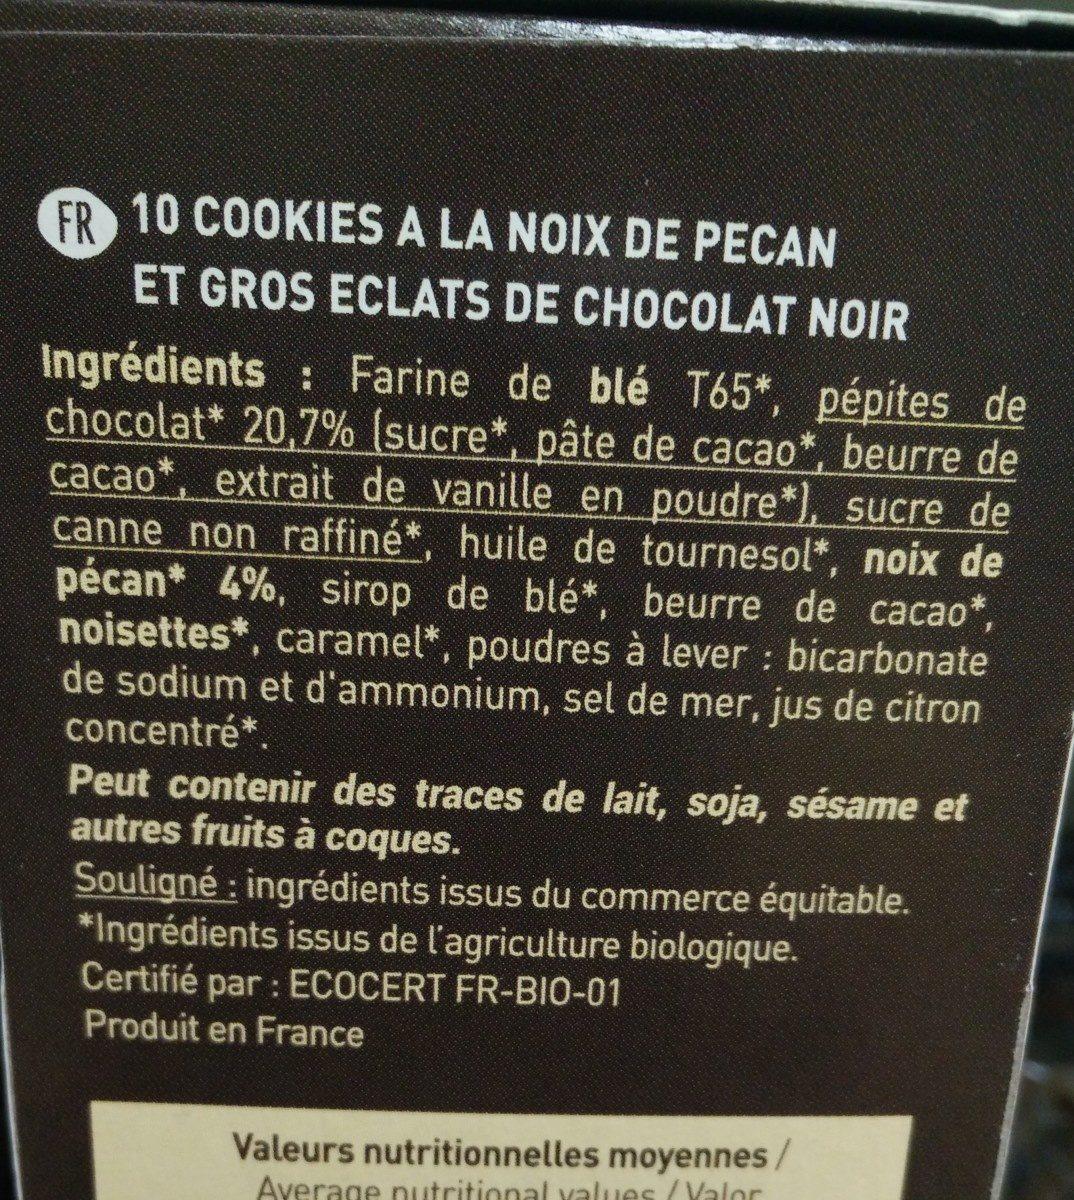 Cookies noix de pécan - Ingredients - fr